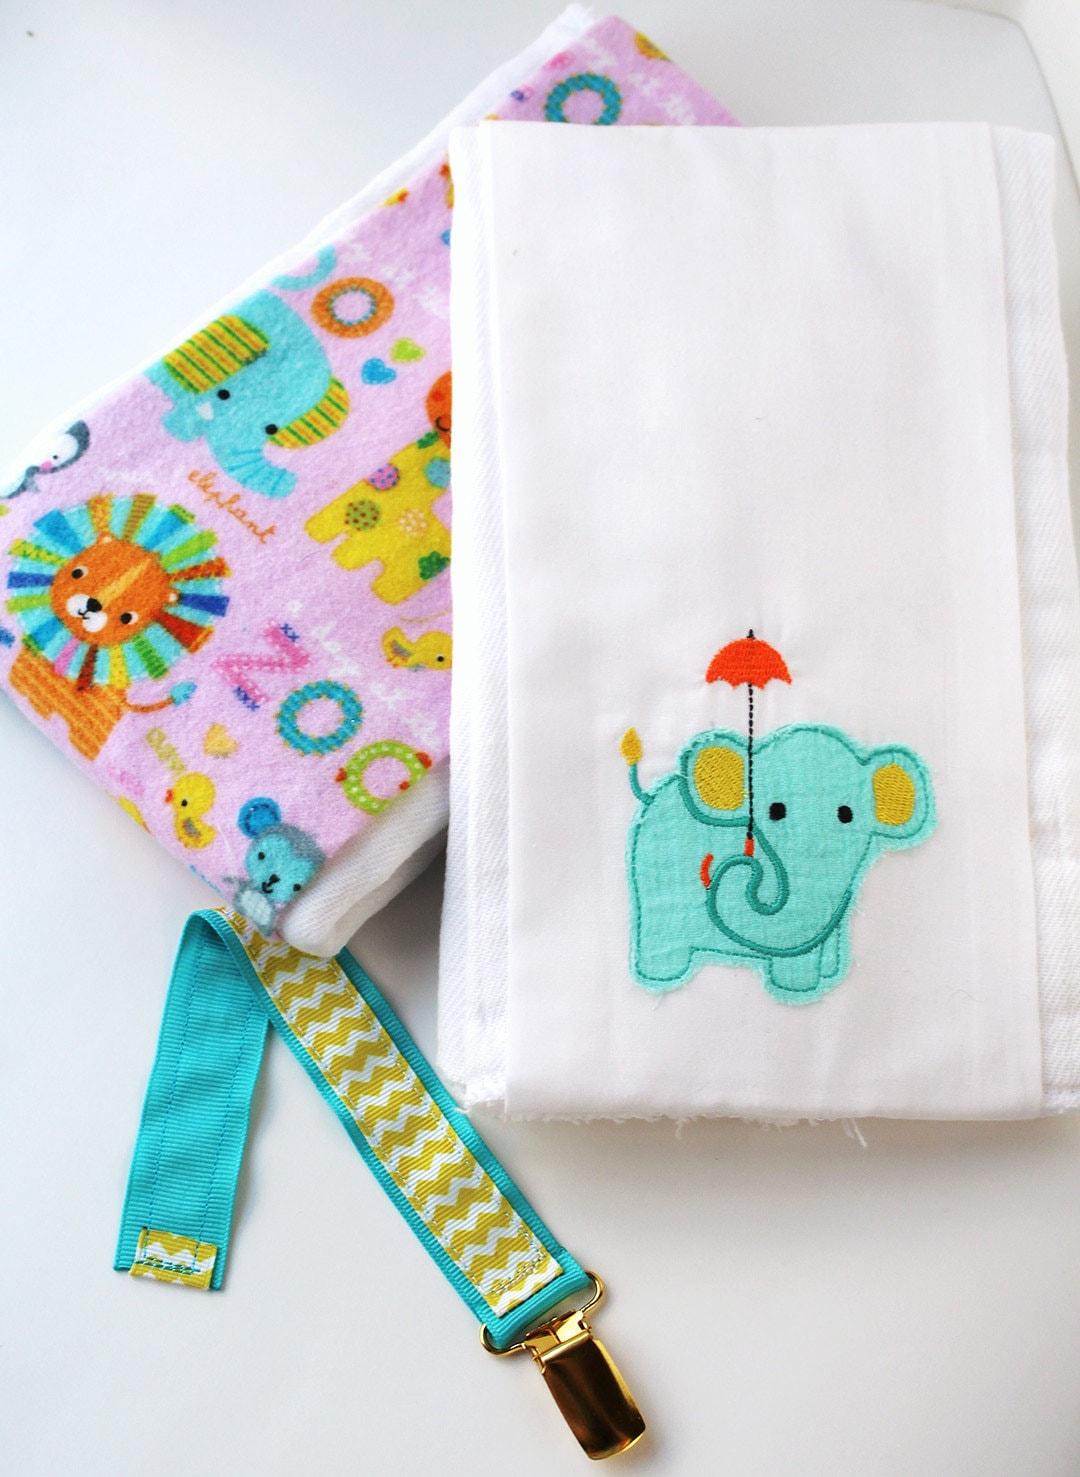 Burp Cloths for Baby Burp Cloth Baby Burp Cloths Burping